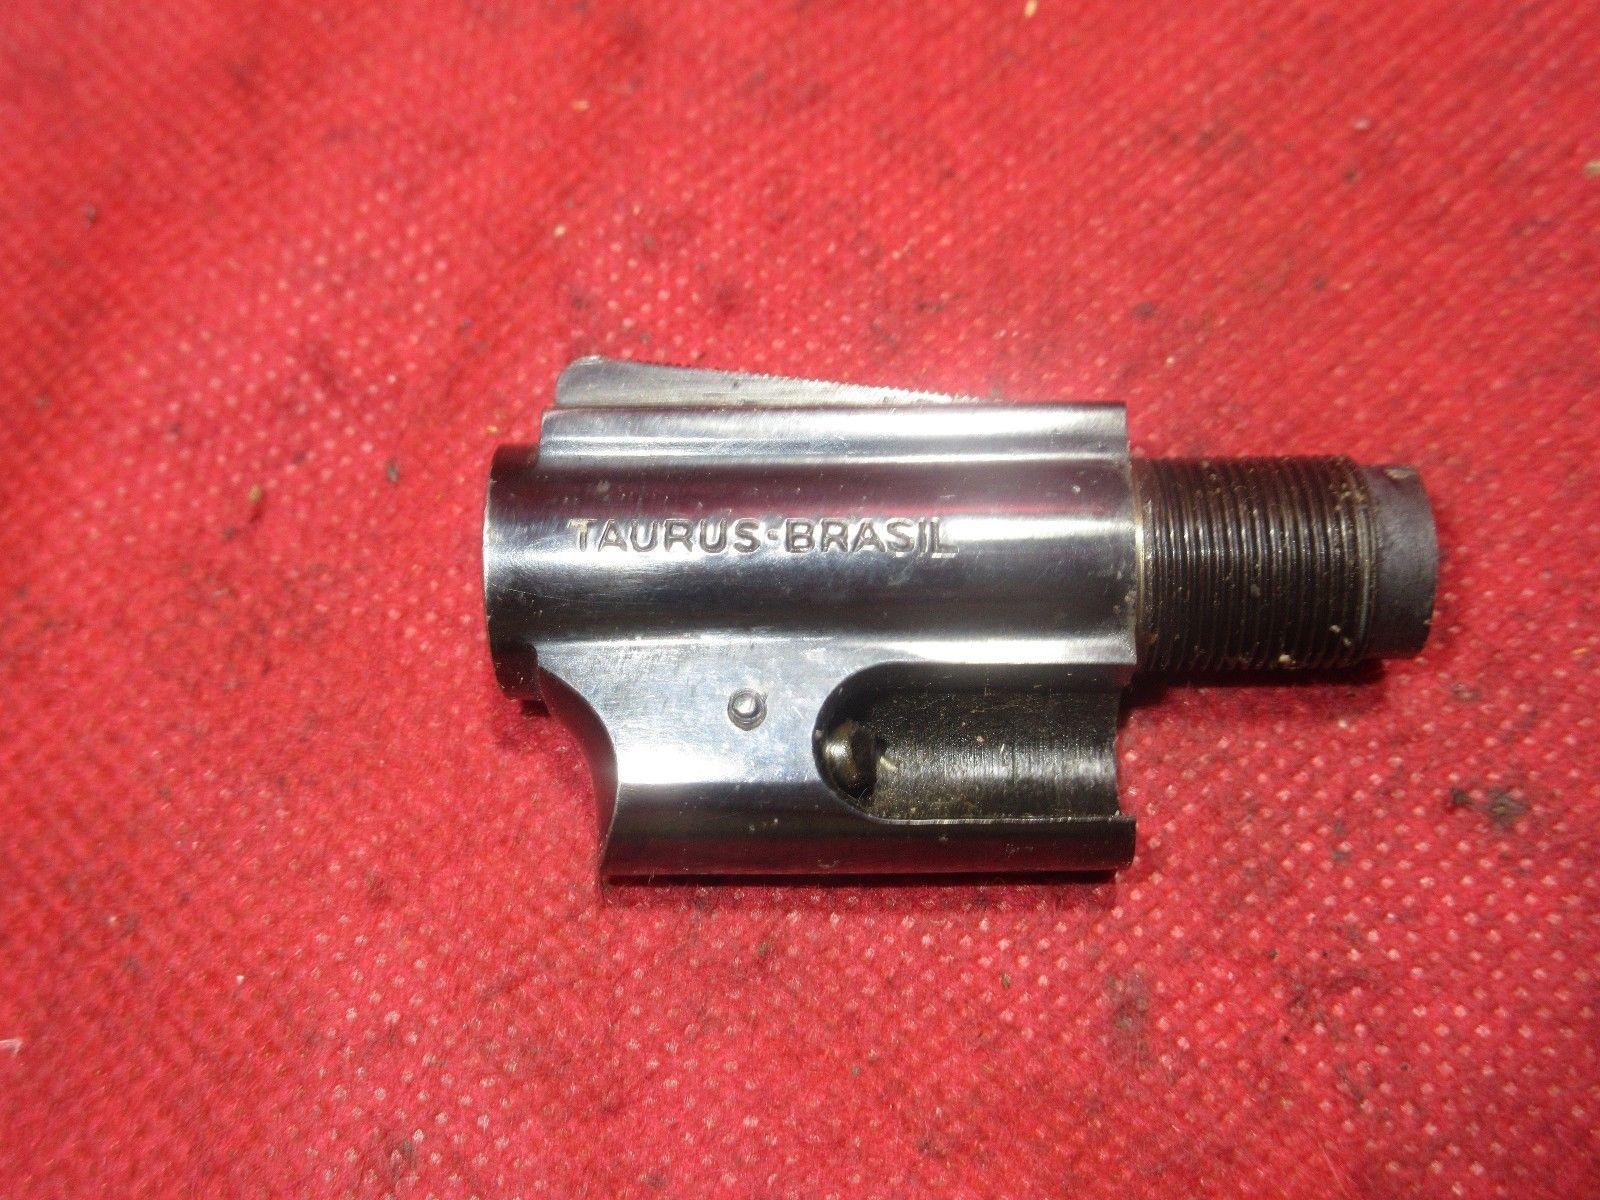 Taurus, Model 85, 38 Special Caliber, Parts, Barrel